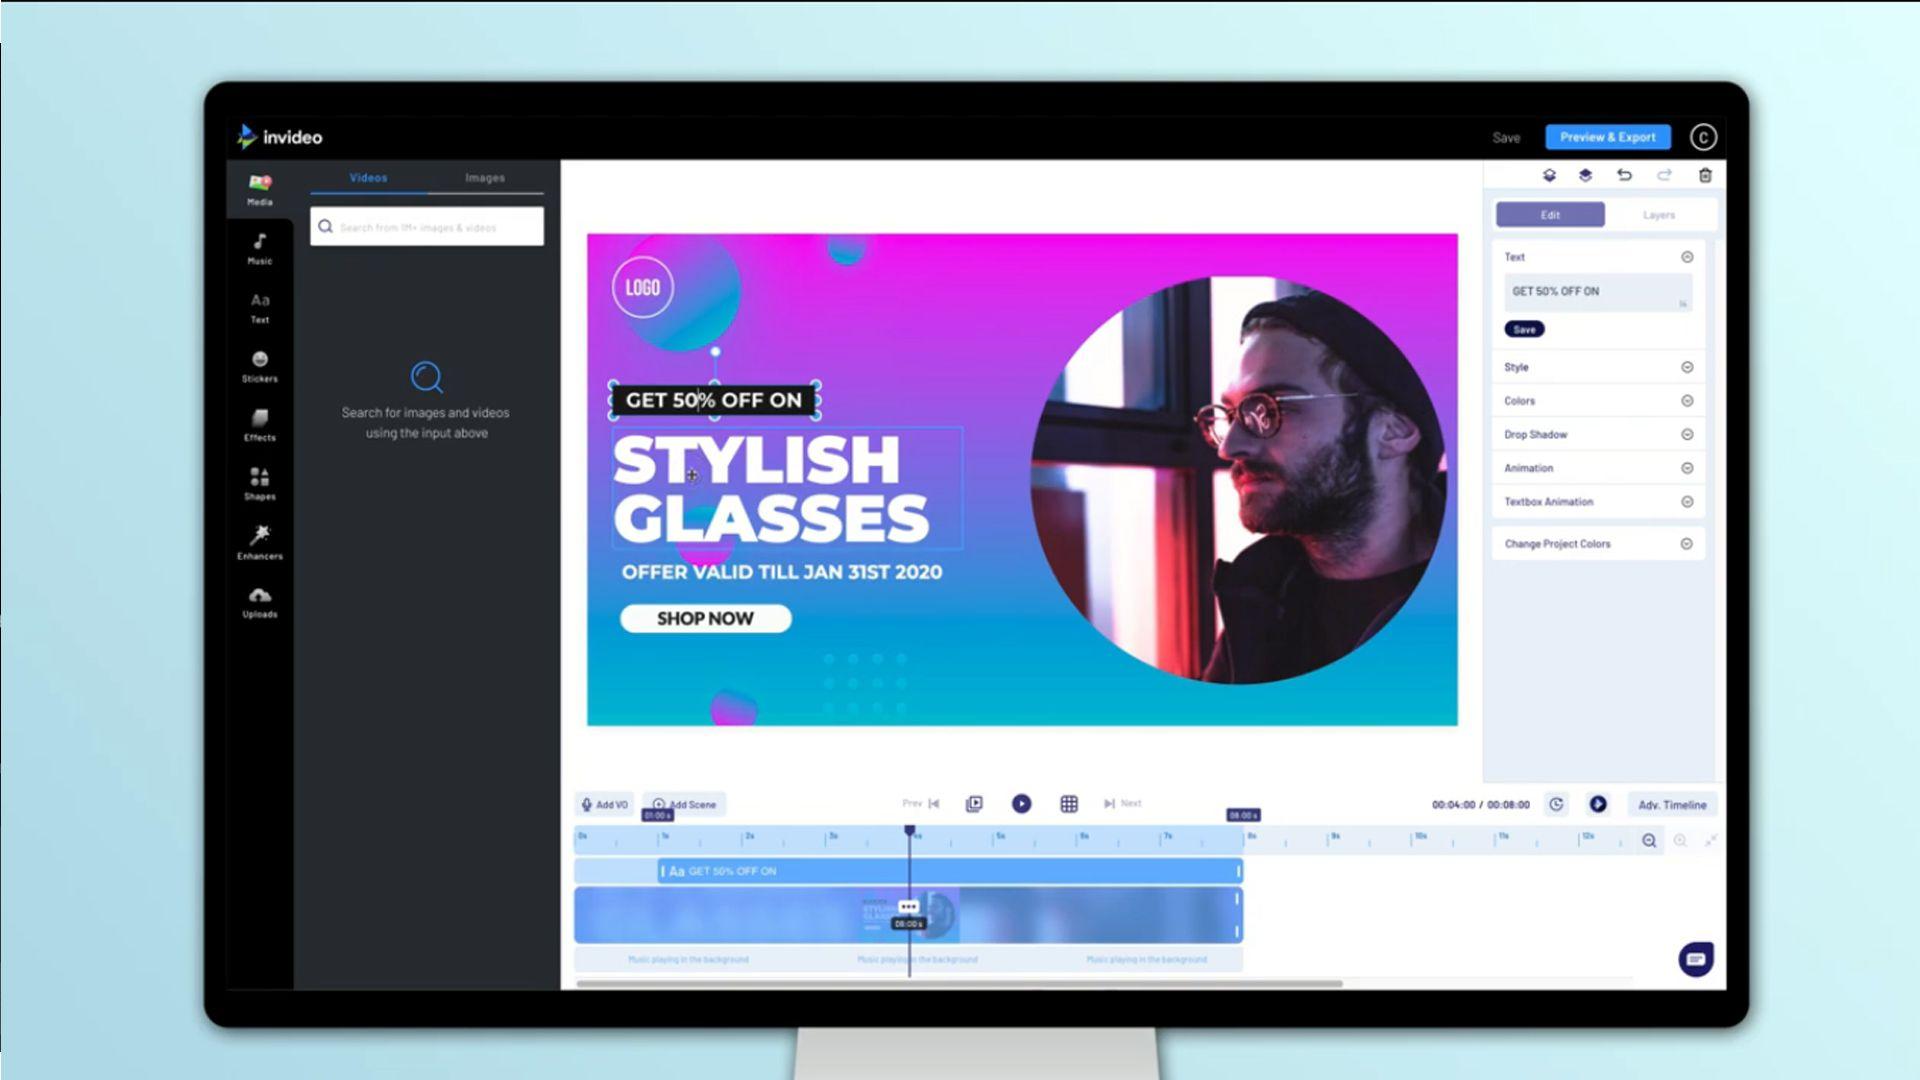 Monitor mostra aplicativo de edição de vídeo online InVideo